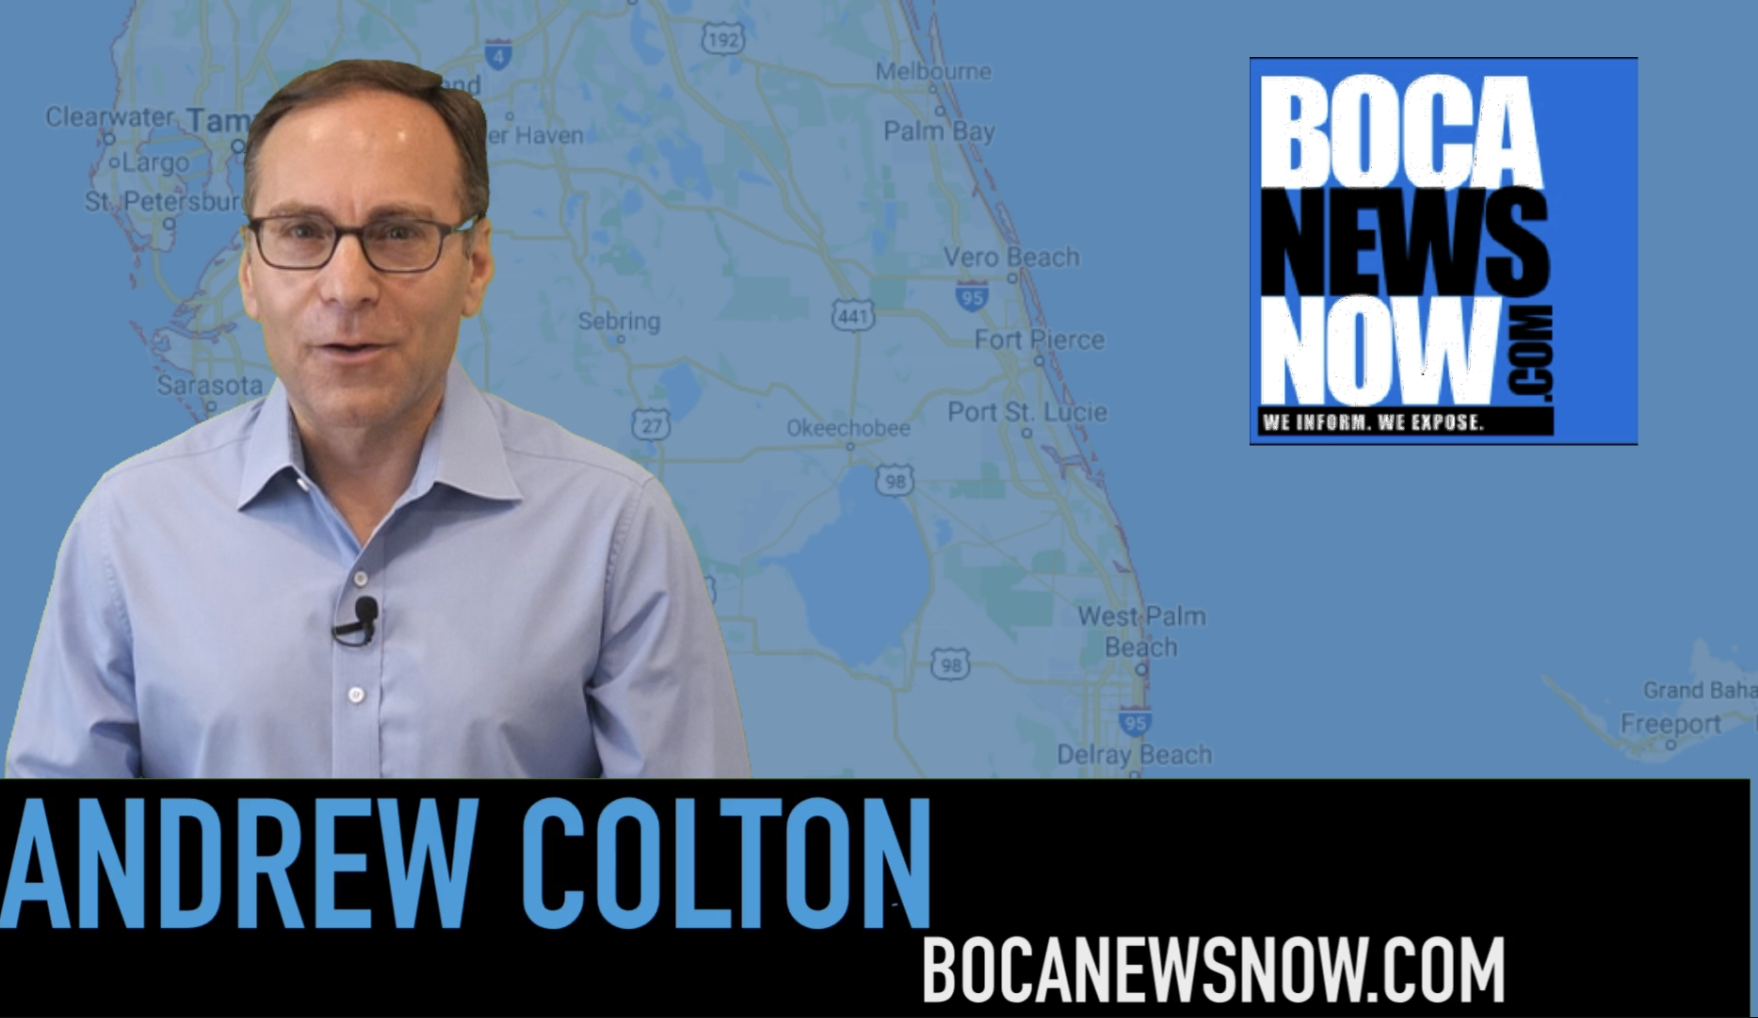 Andrew Colton News